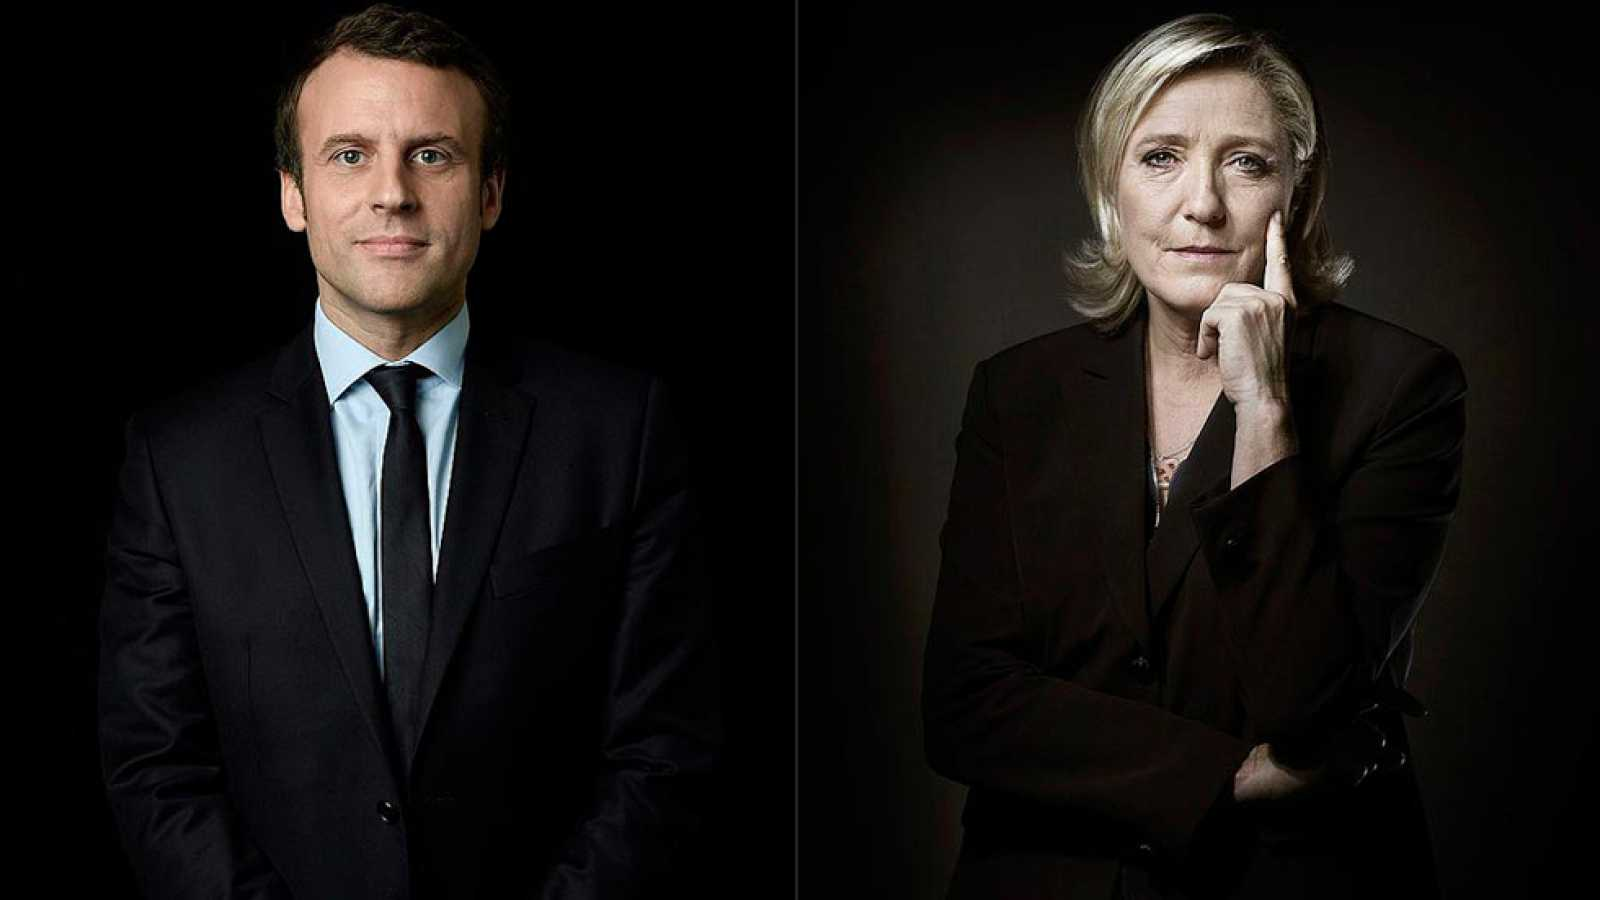 Enmanuel Macron y Marine LePen se medirán en la segunda vuelta de las elecciones presidenciales francesas